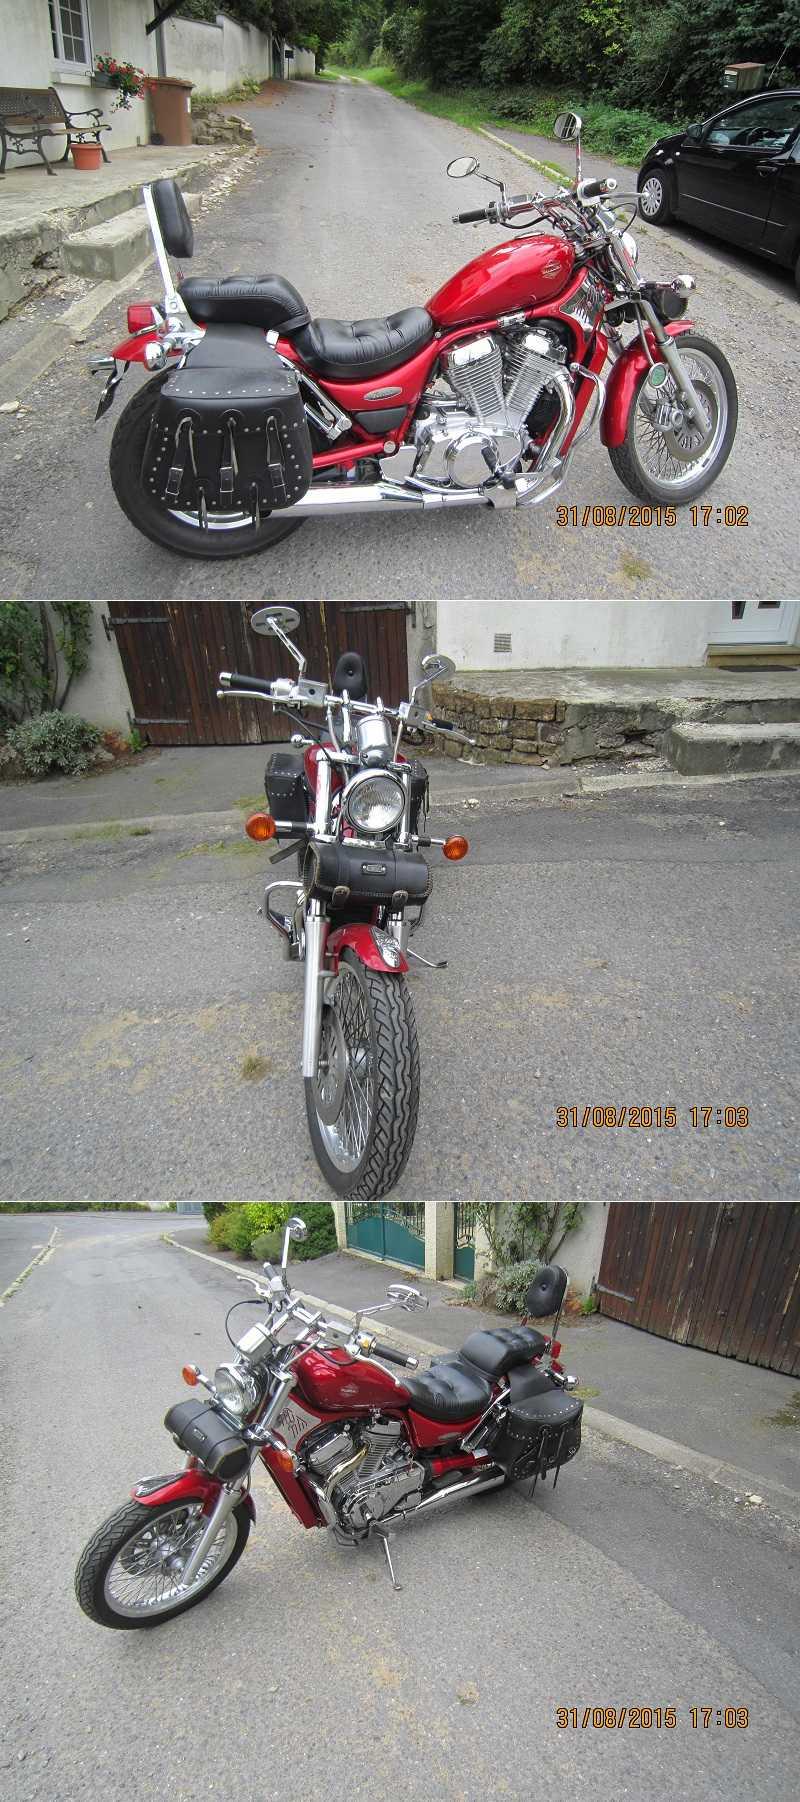 VS 800 GL rouge (08000) 15090503263920259513557600